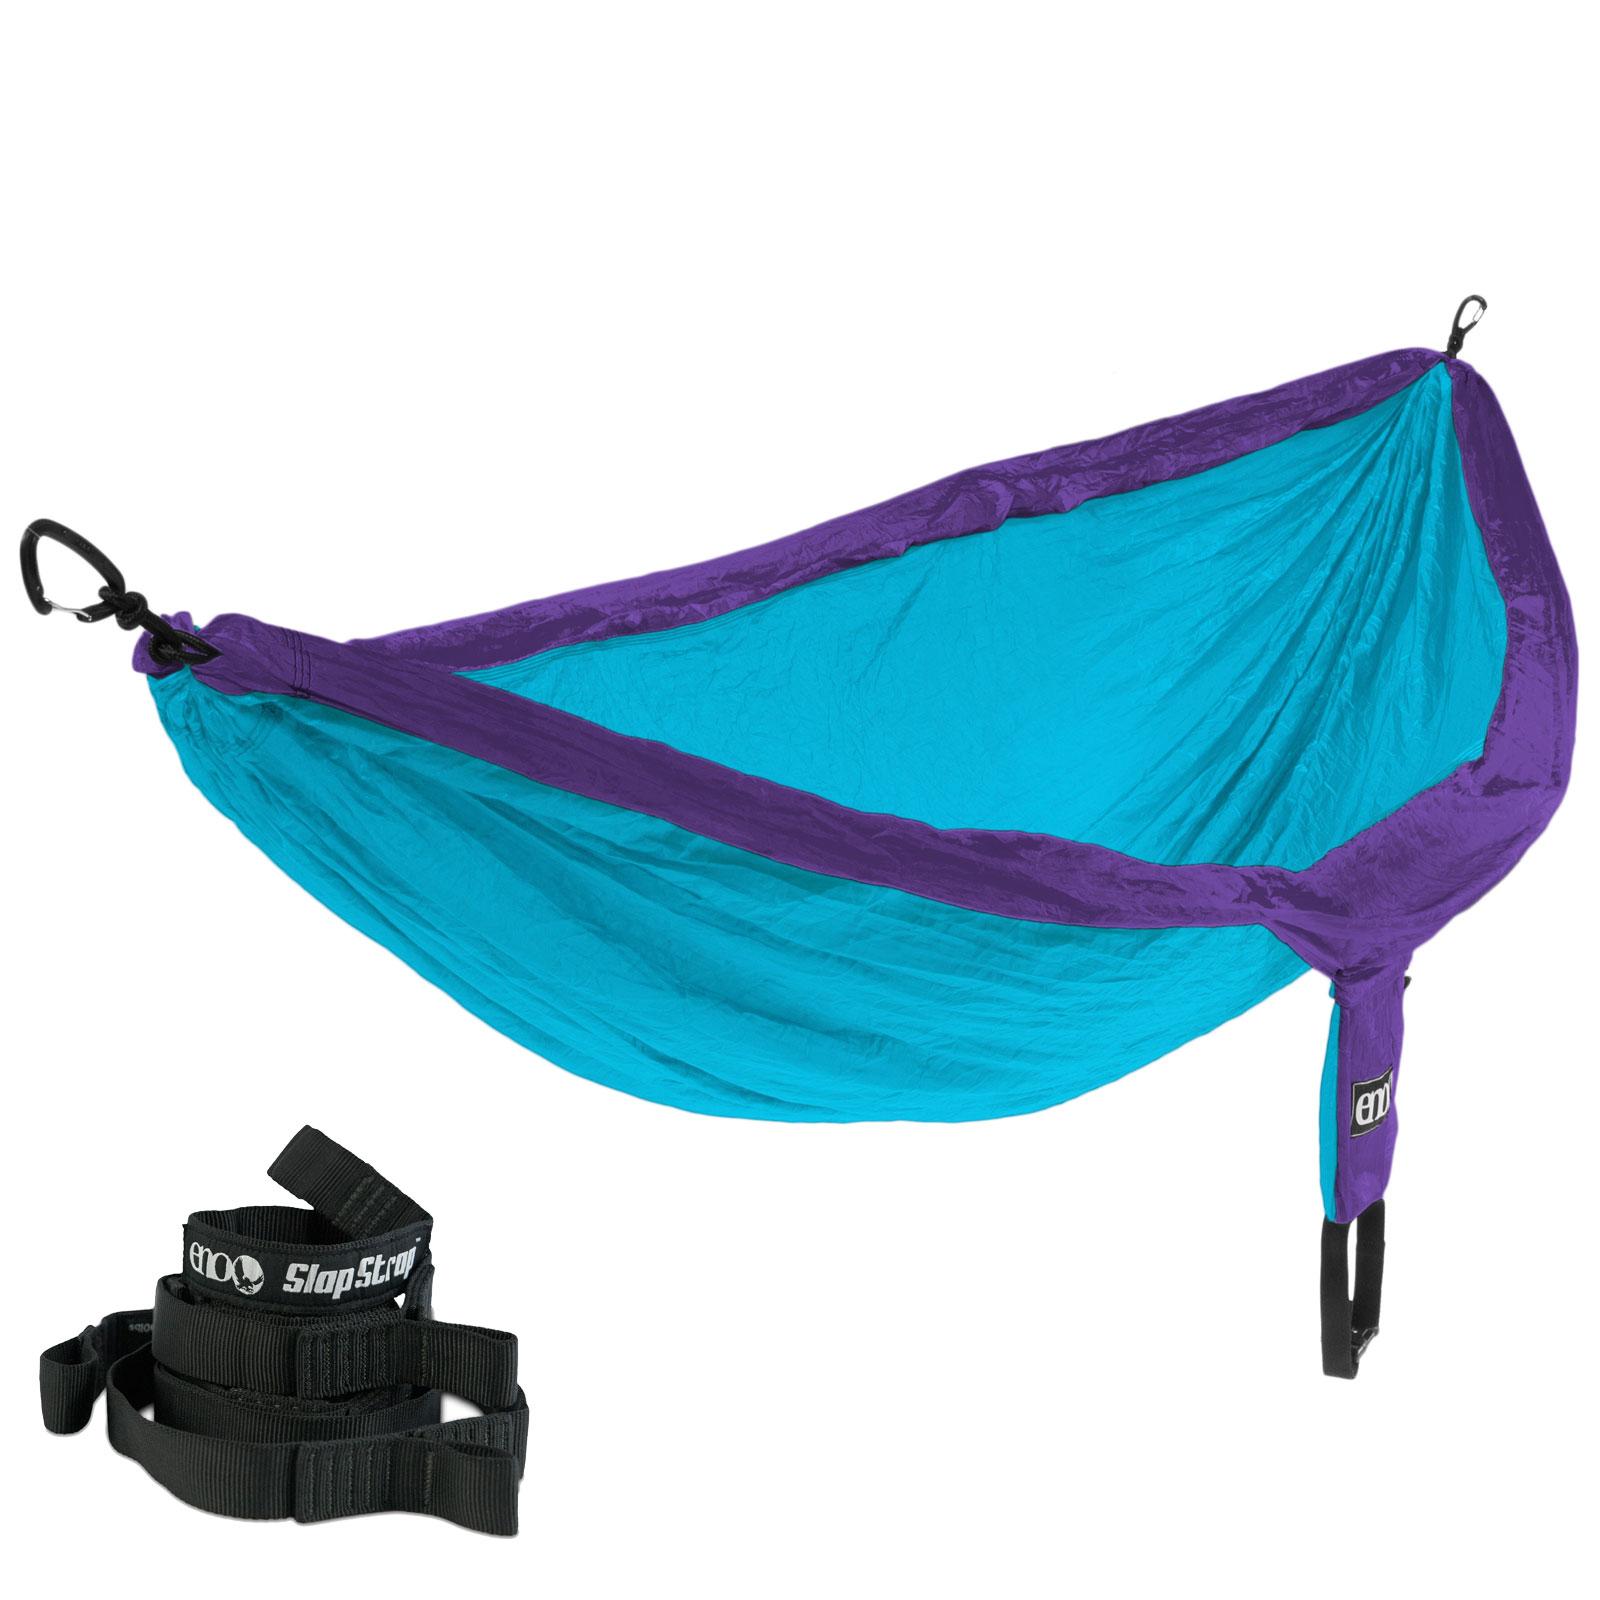 me doublenest rei hammock hammocks near junglenest eno sale straps s singlenest review on